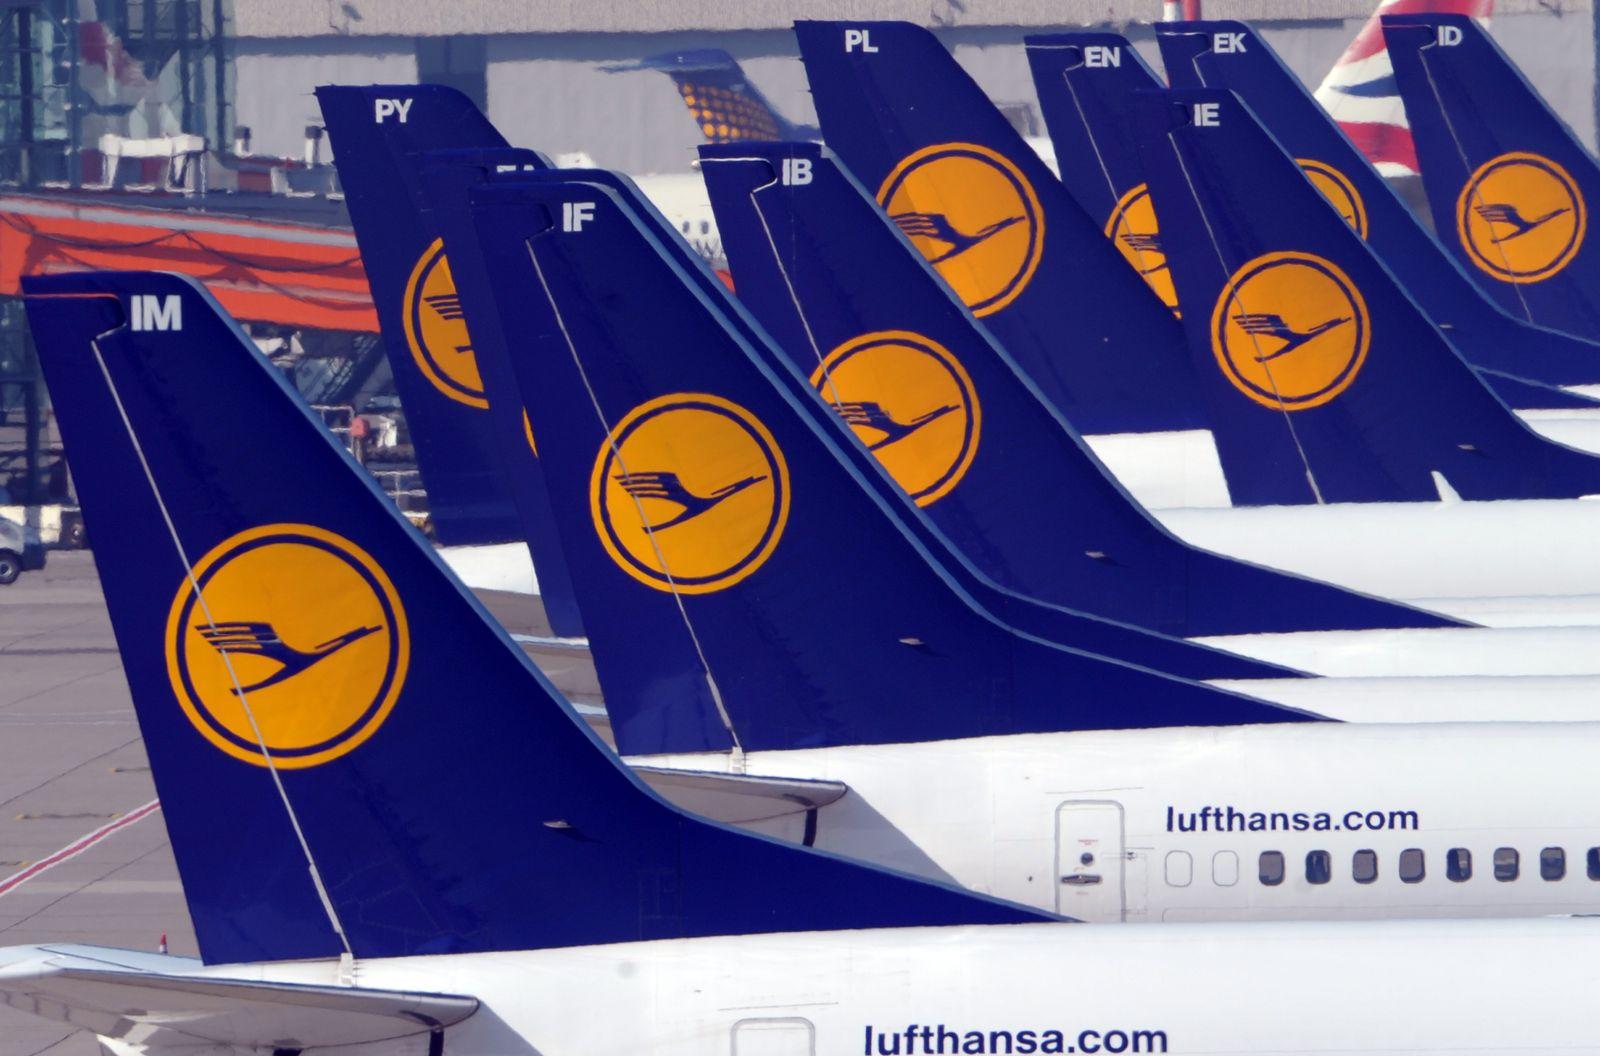 Flugbegleiter-Streik / Lufthansa